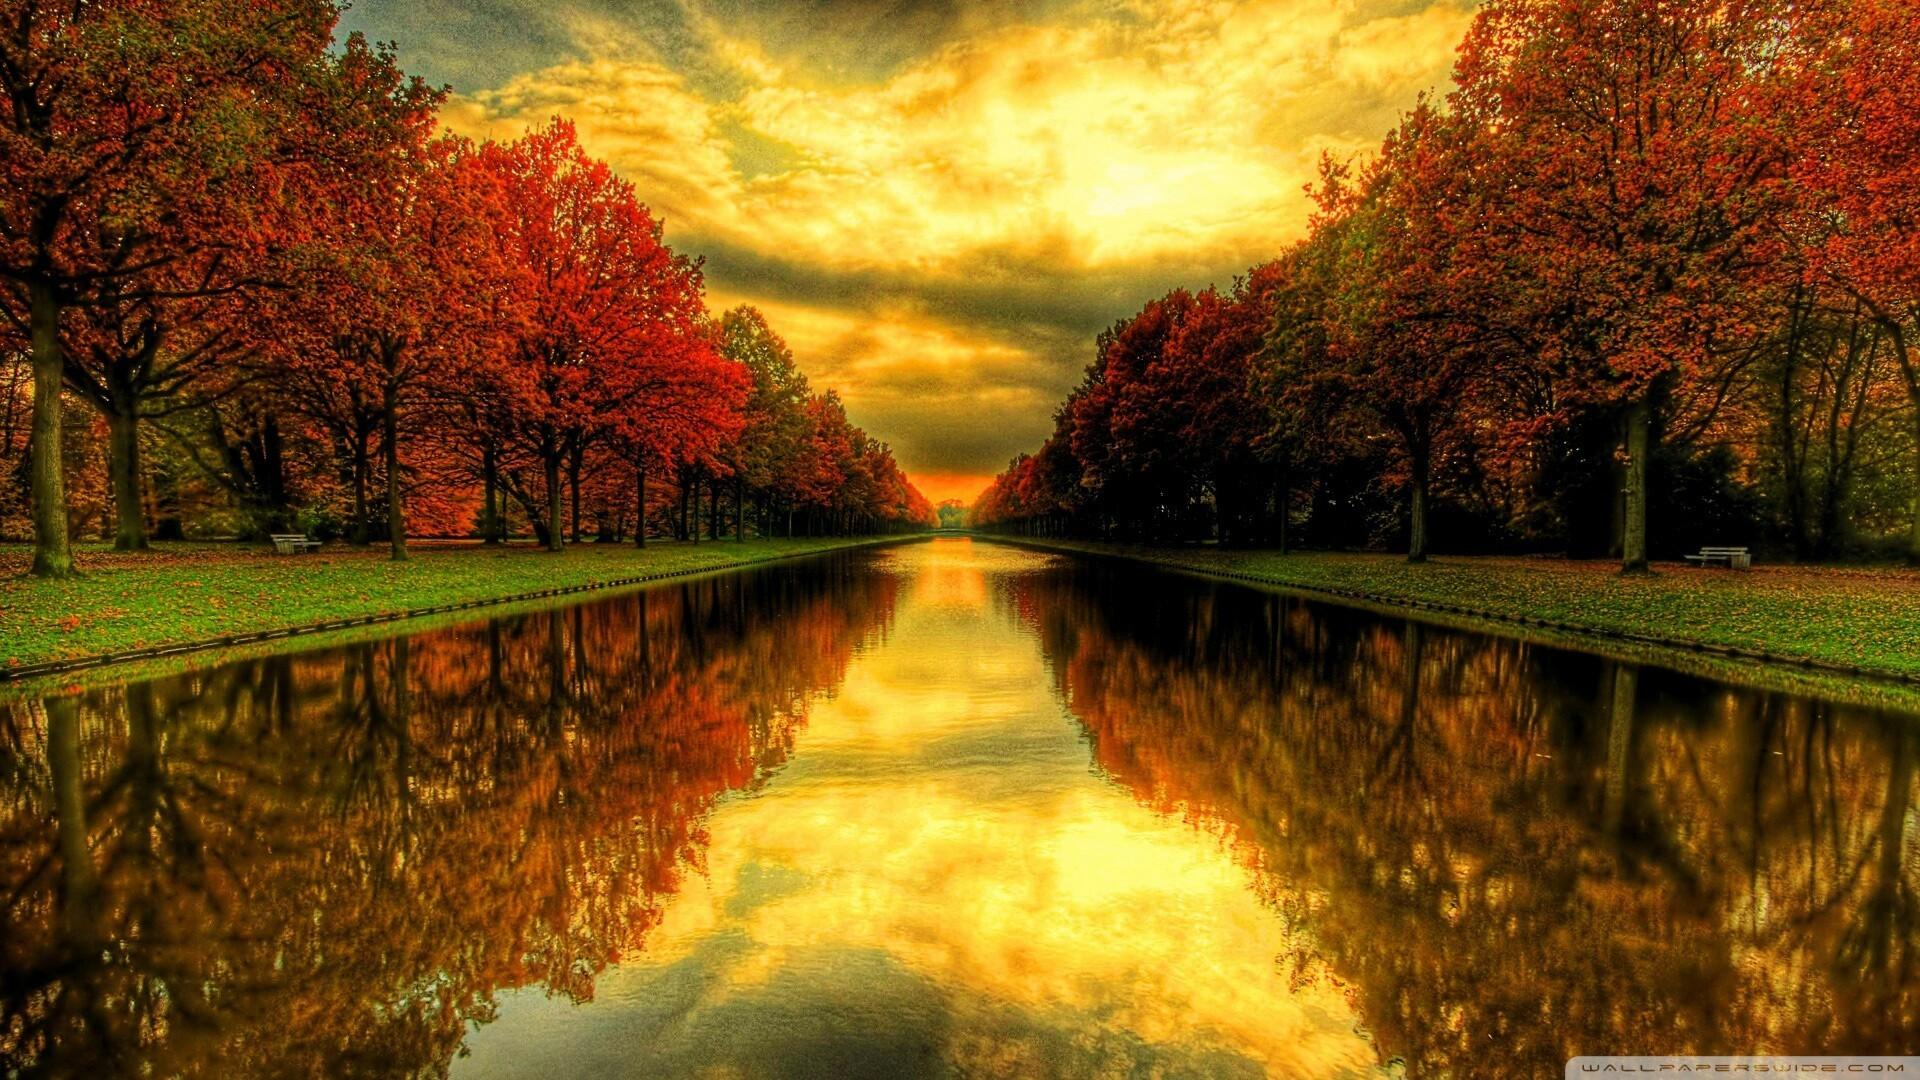 #autumn #leaves #sunset #sun #sky #fall #leaves #wallpaper